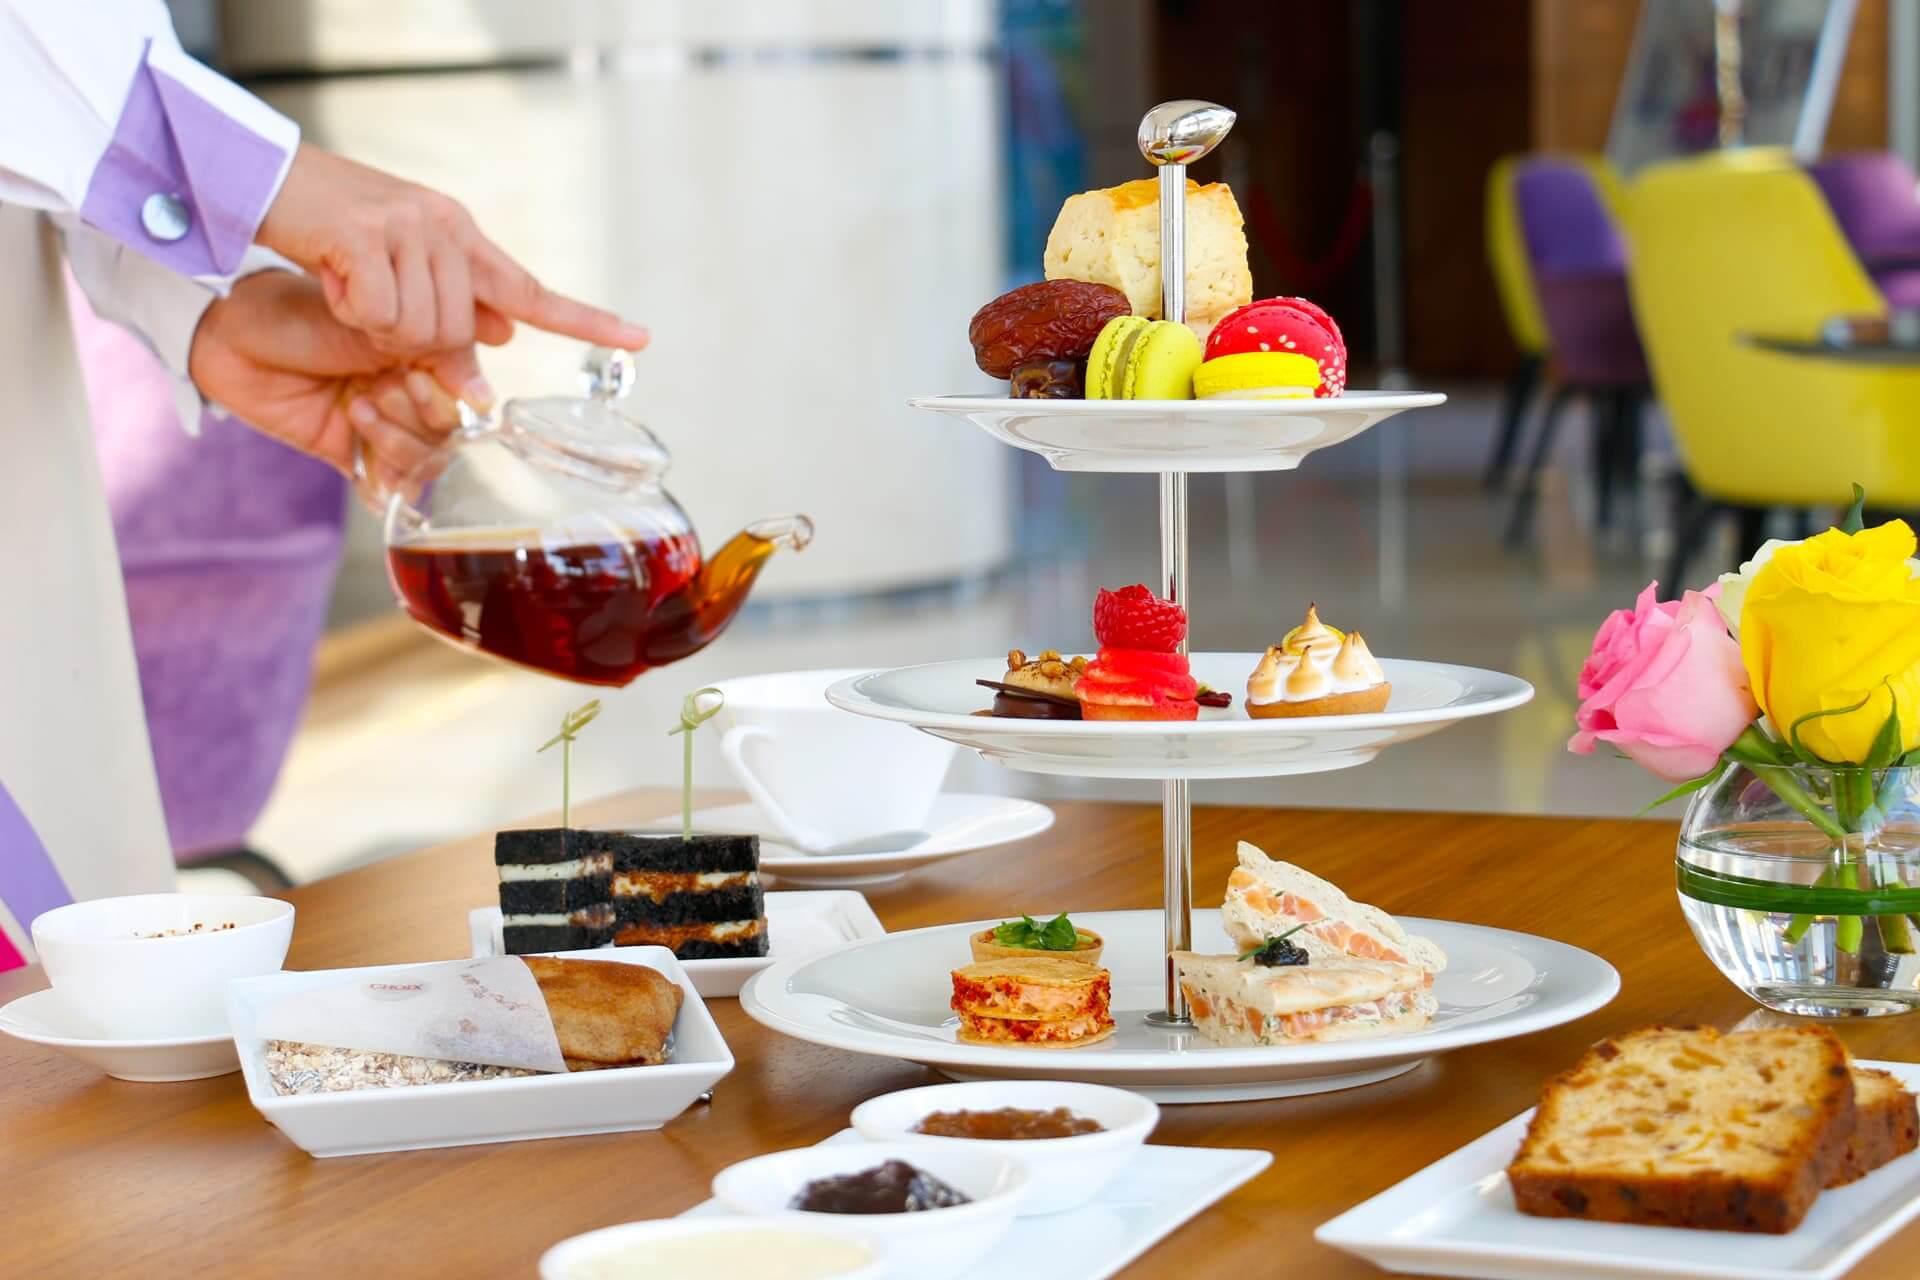 dubai food festival experiencia 2021